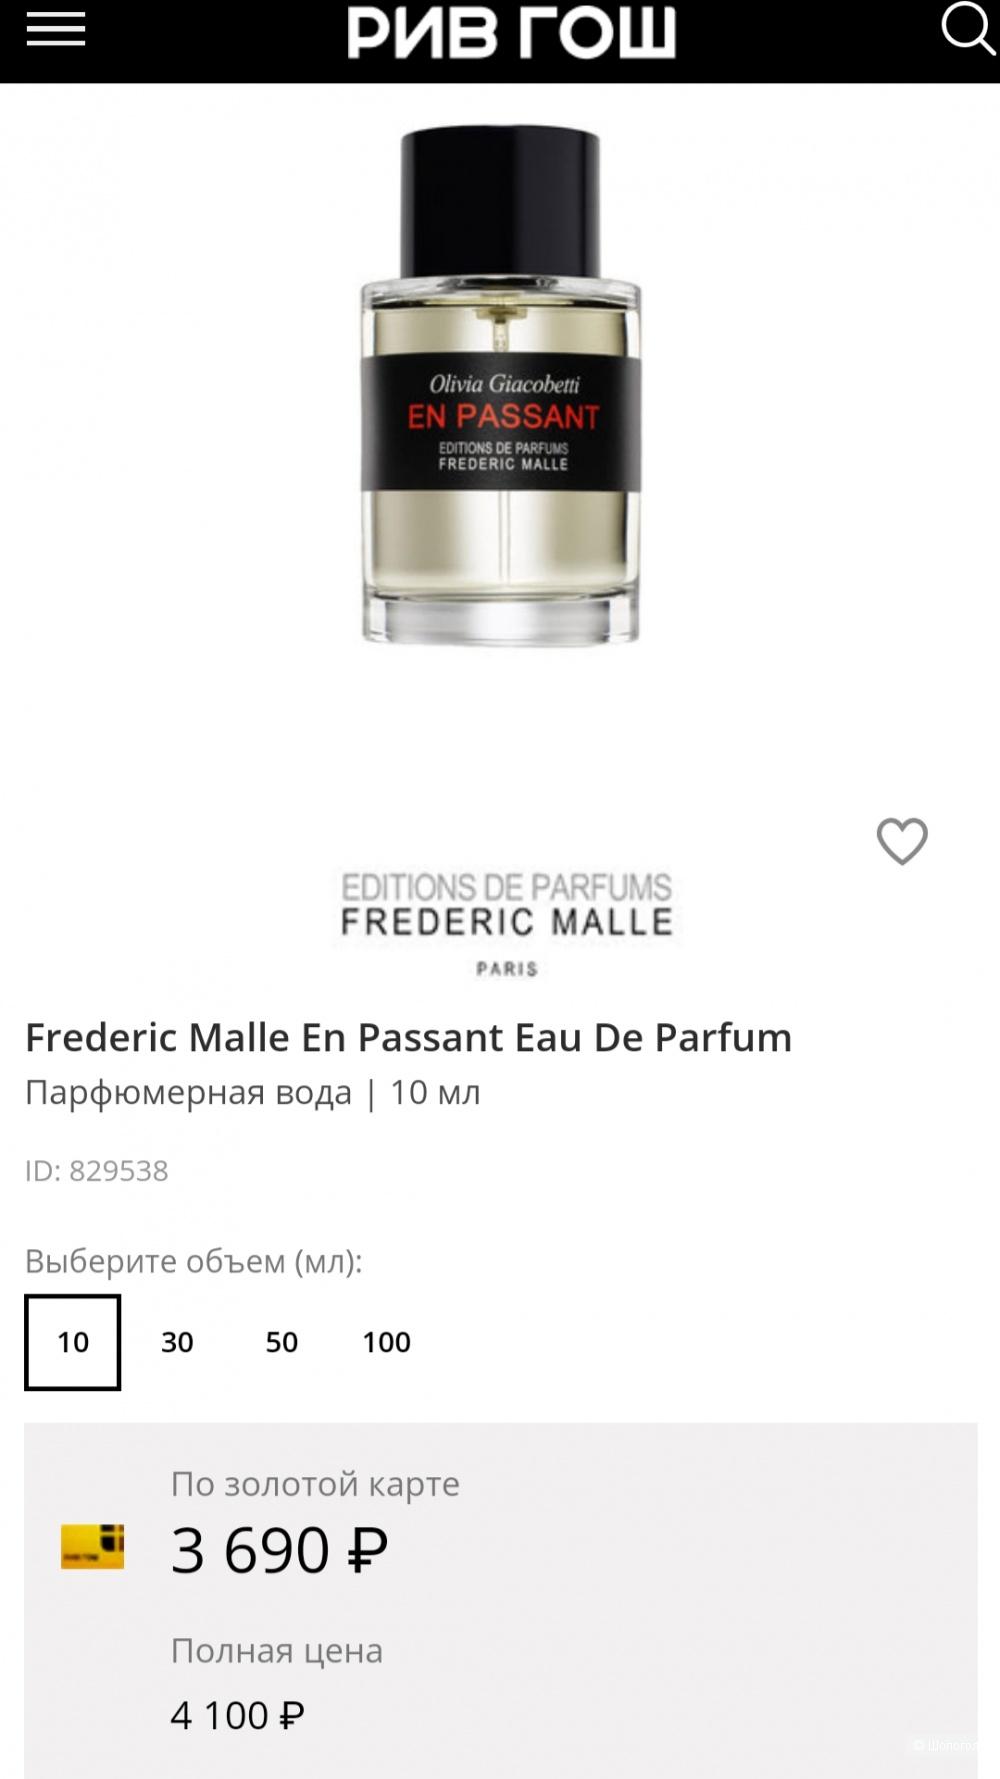 Парфюмерная вода En Passant, Frederic Malle, 10 ml